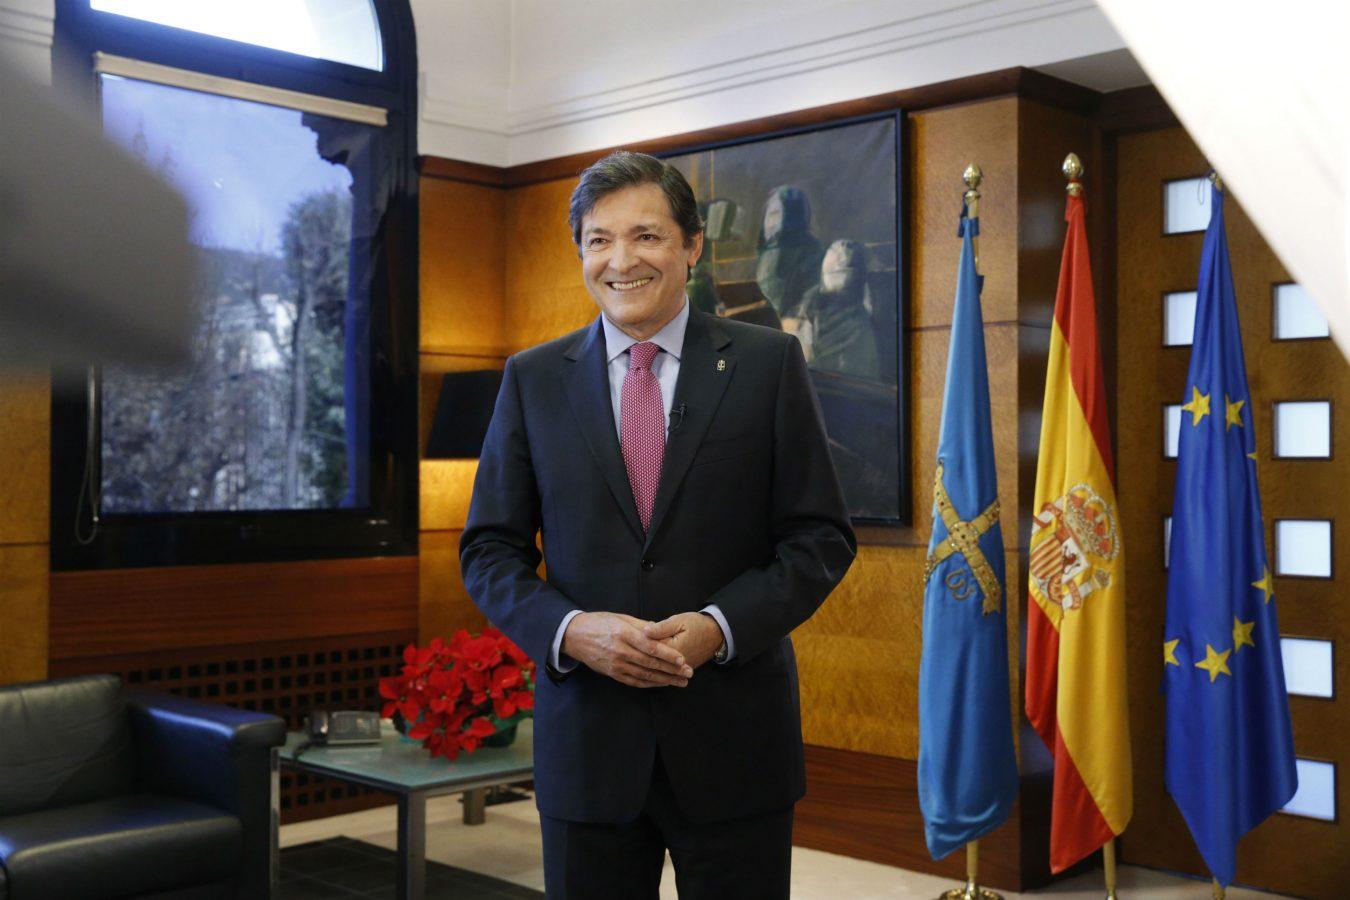 Mensaje de Fin de Año del Presidente del Principado de Asturias. El último de Javier Fernández